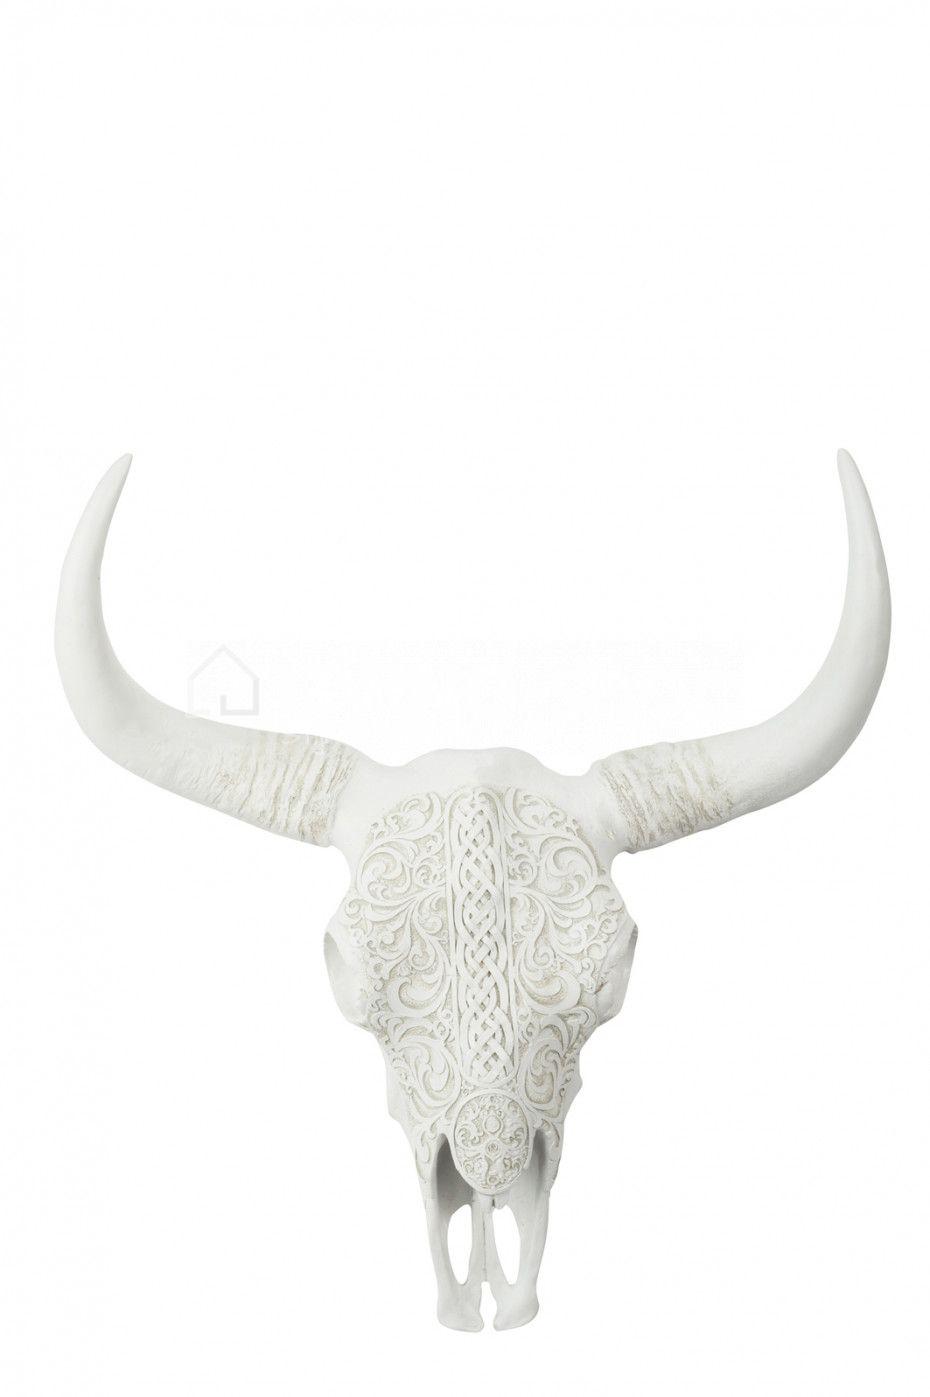 Schedel buffel gekerft J-Line online webshop LIVING-shop, stijlvol ...